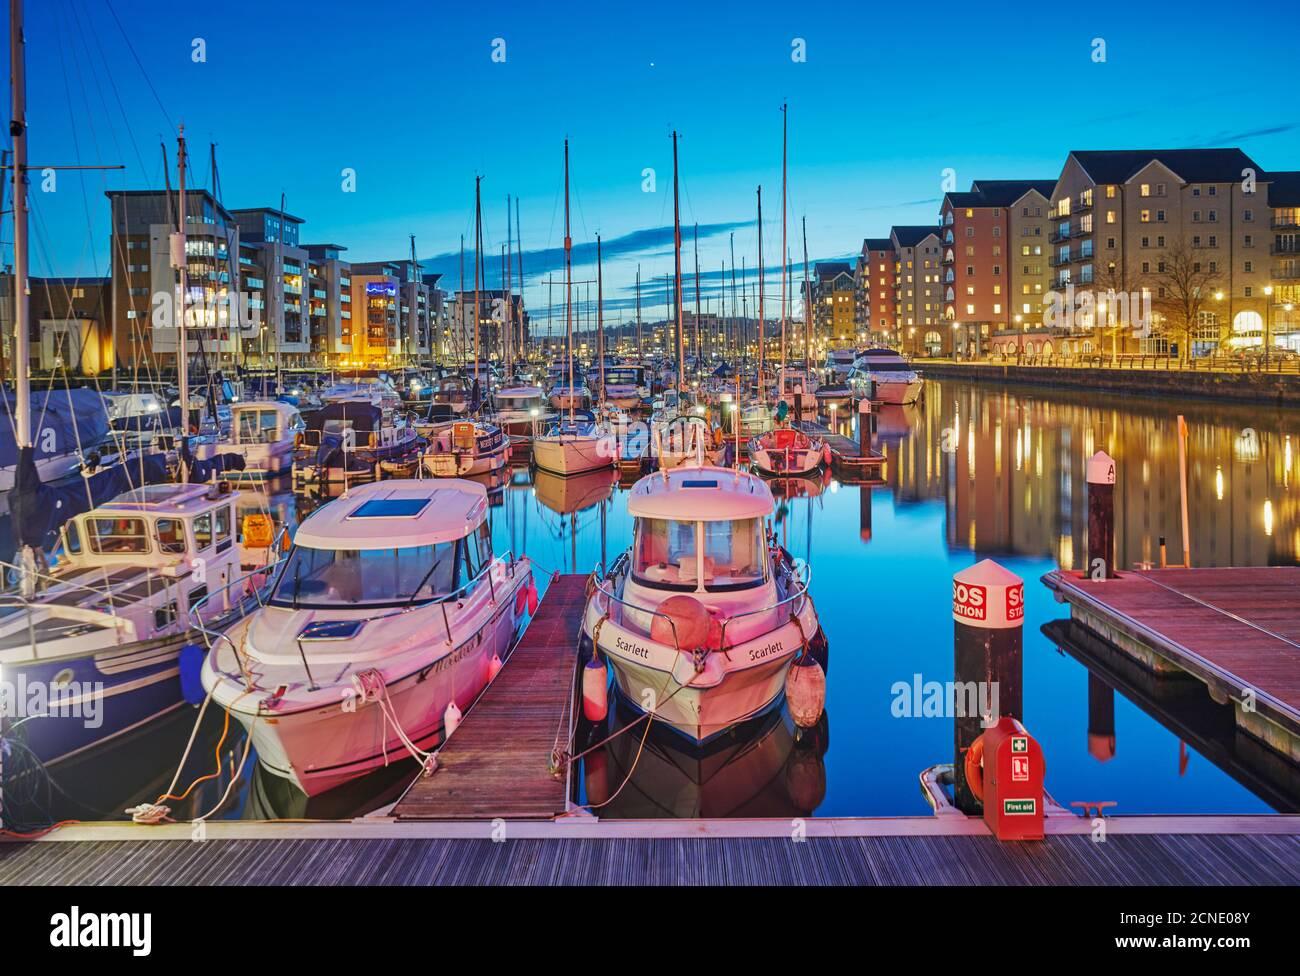 Vue au crépuscule sur le port et la marina modernisés de Portishead, près de Bristol, dans le Somerset, en Angleterre, au Royaume-Uni, en Europe Banque D'Images